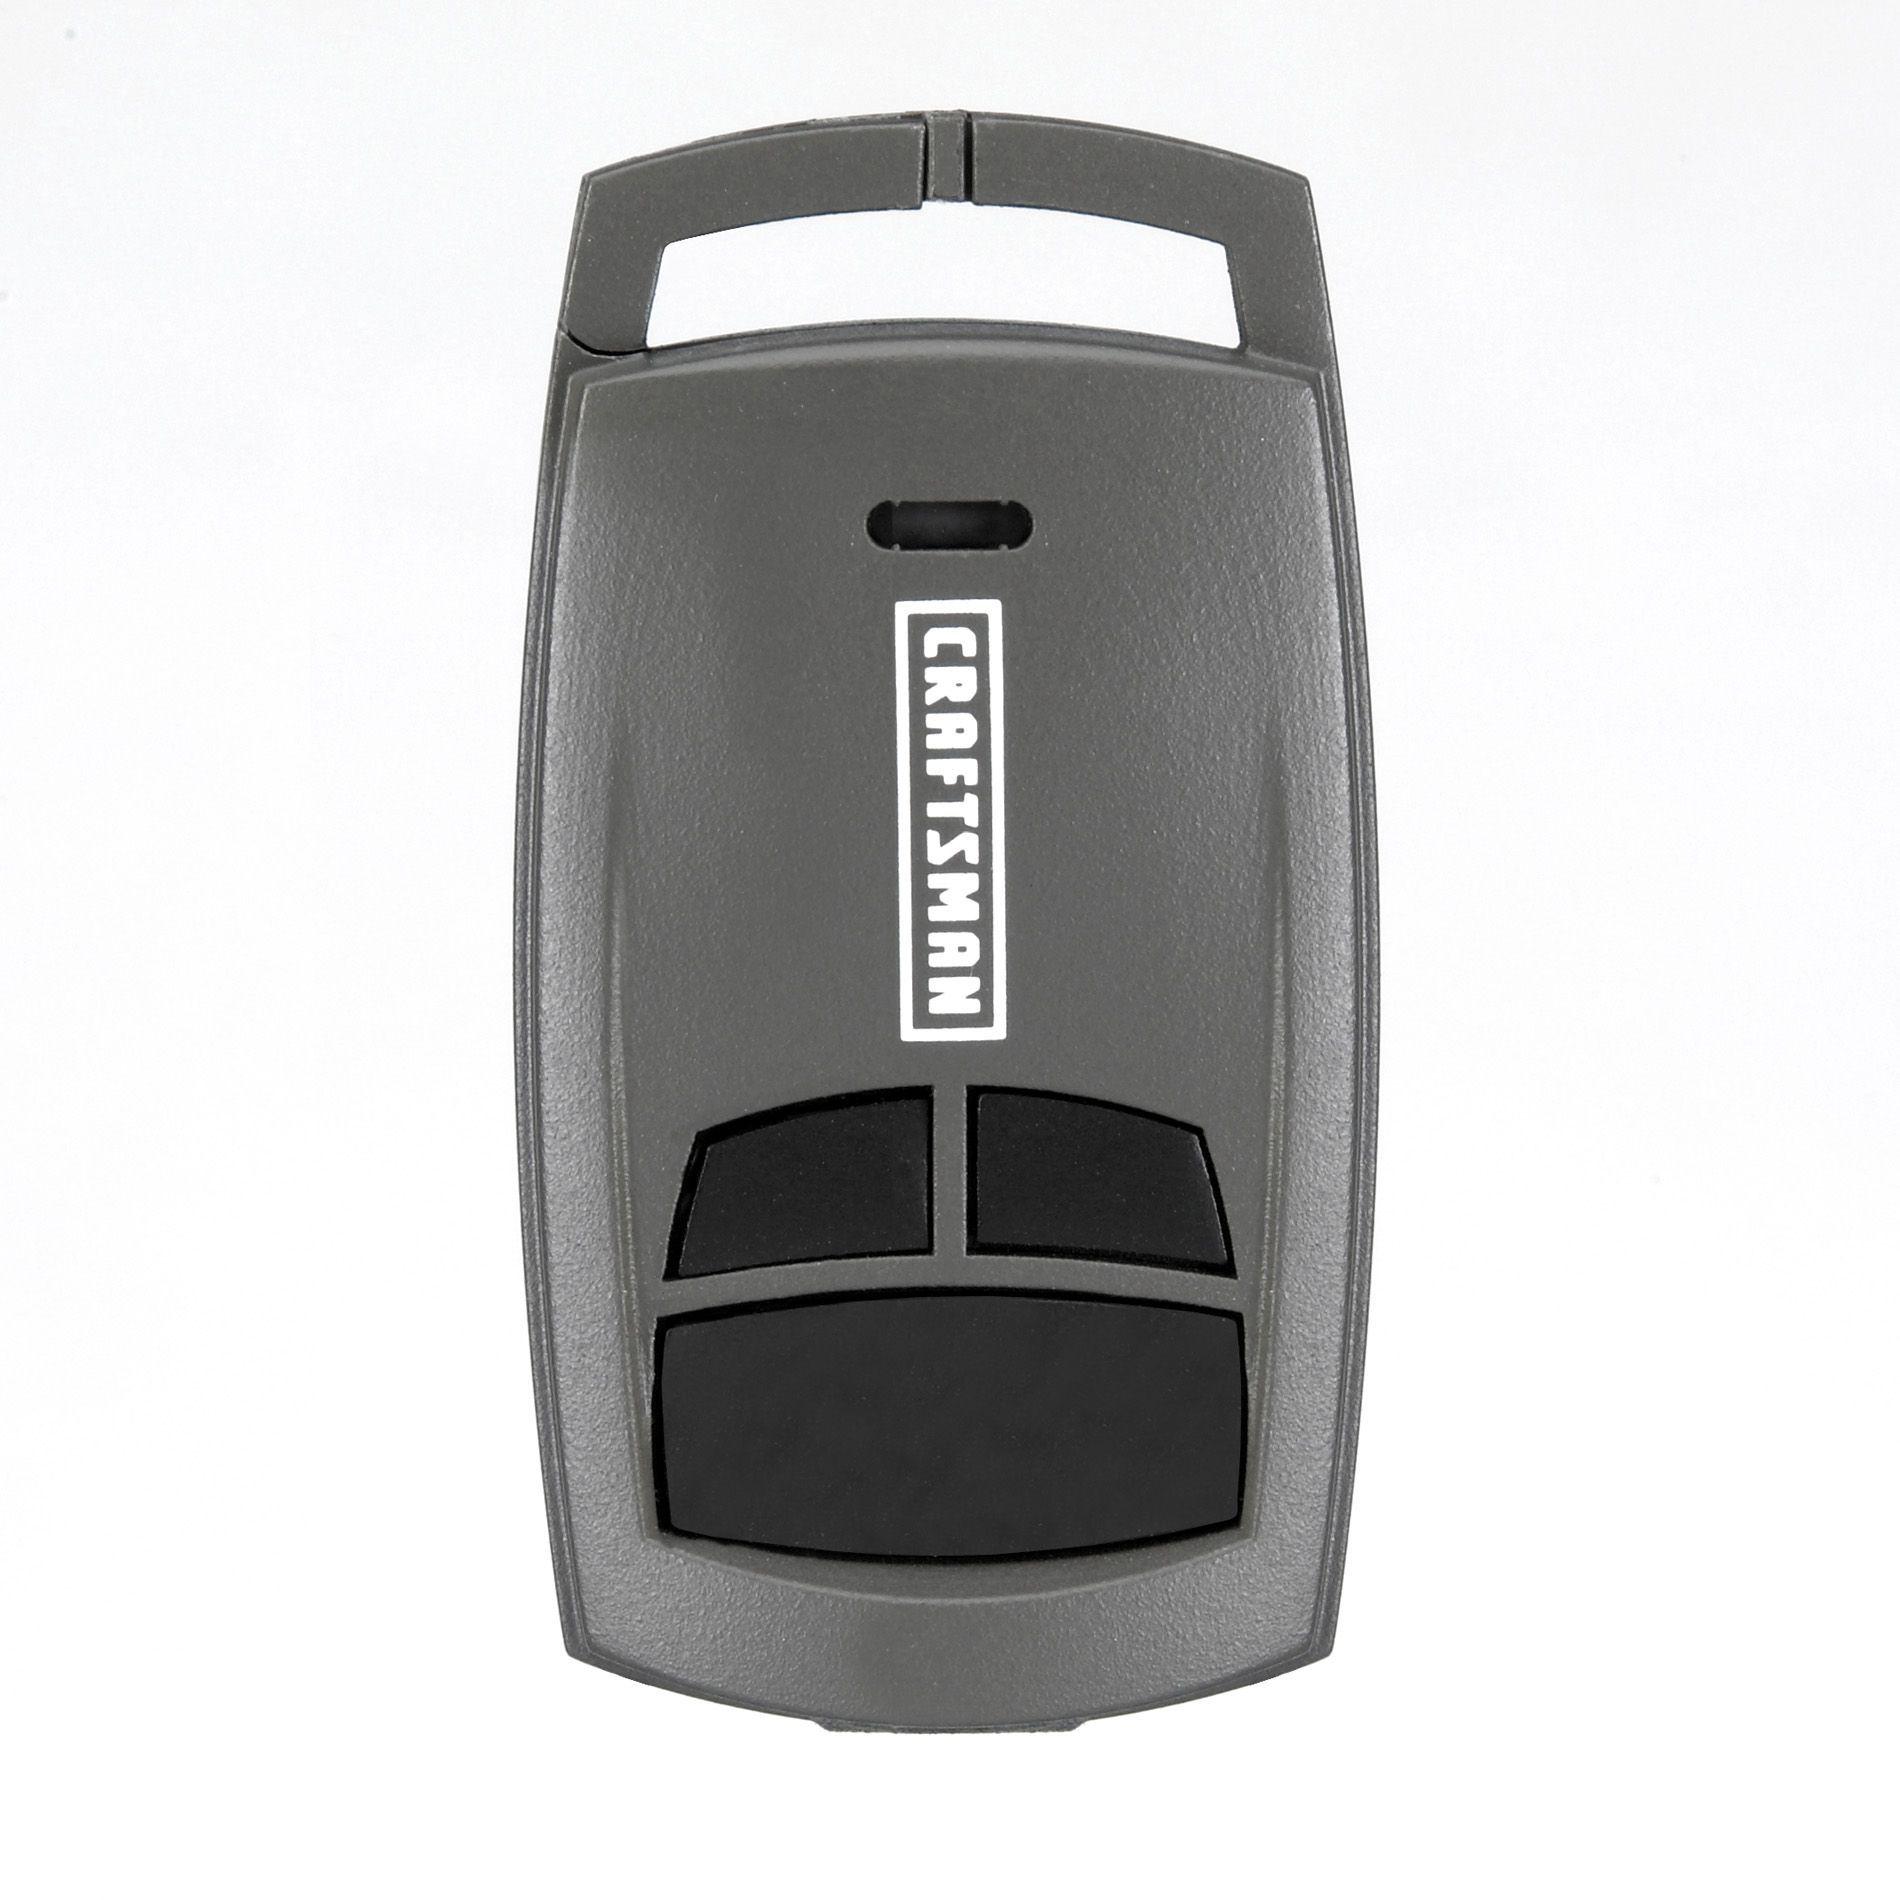 Get The Garage Door Remote From Garage Door Repair Wichita Garage